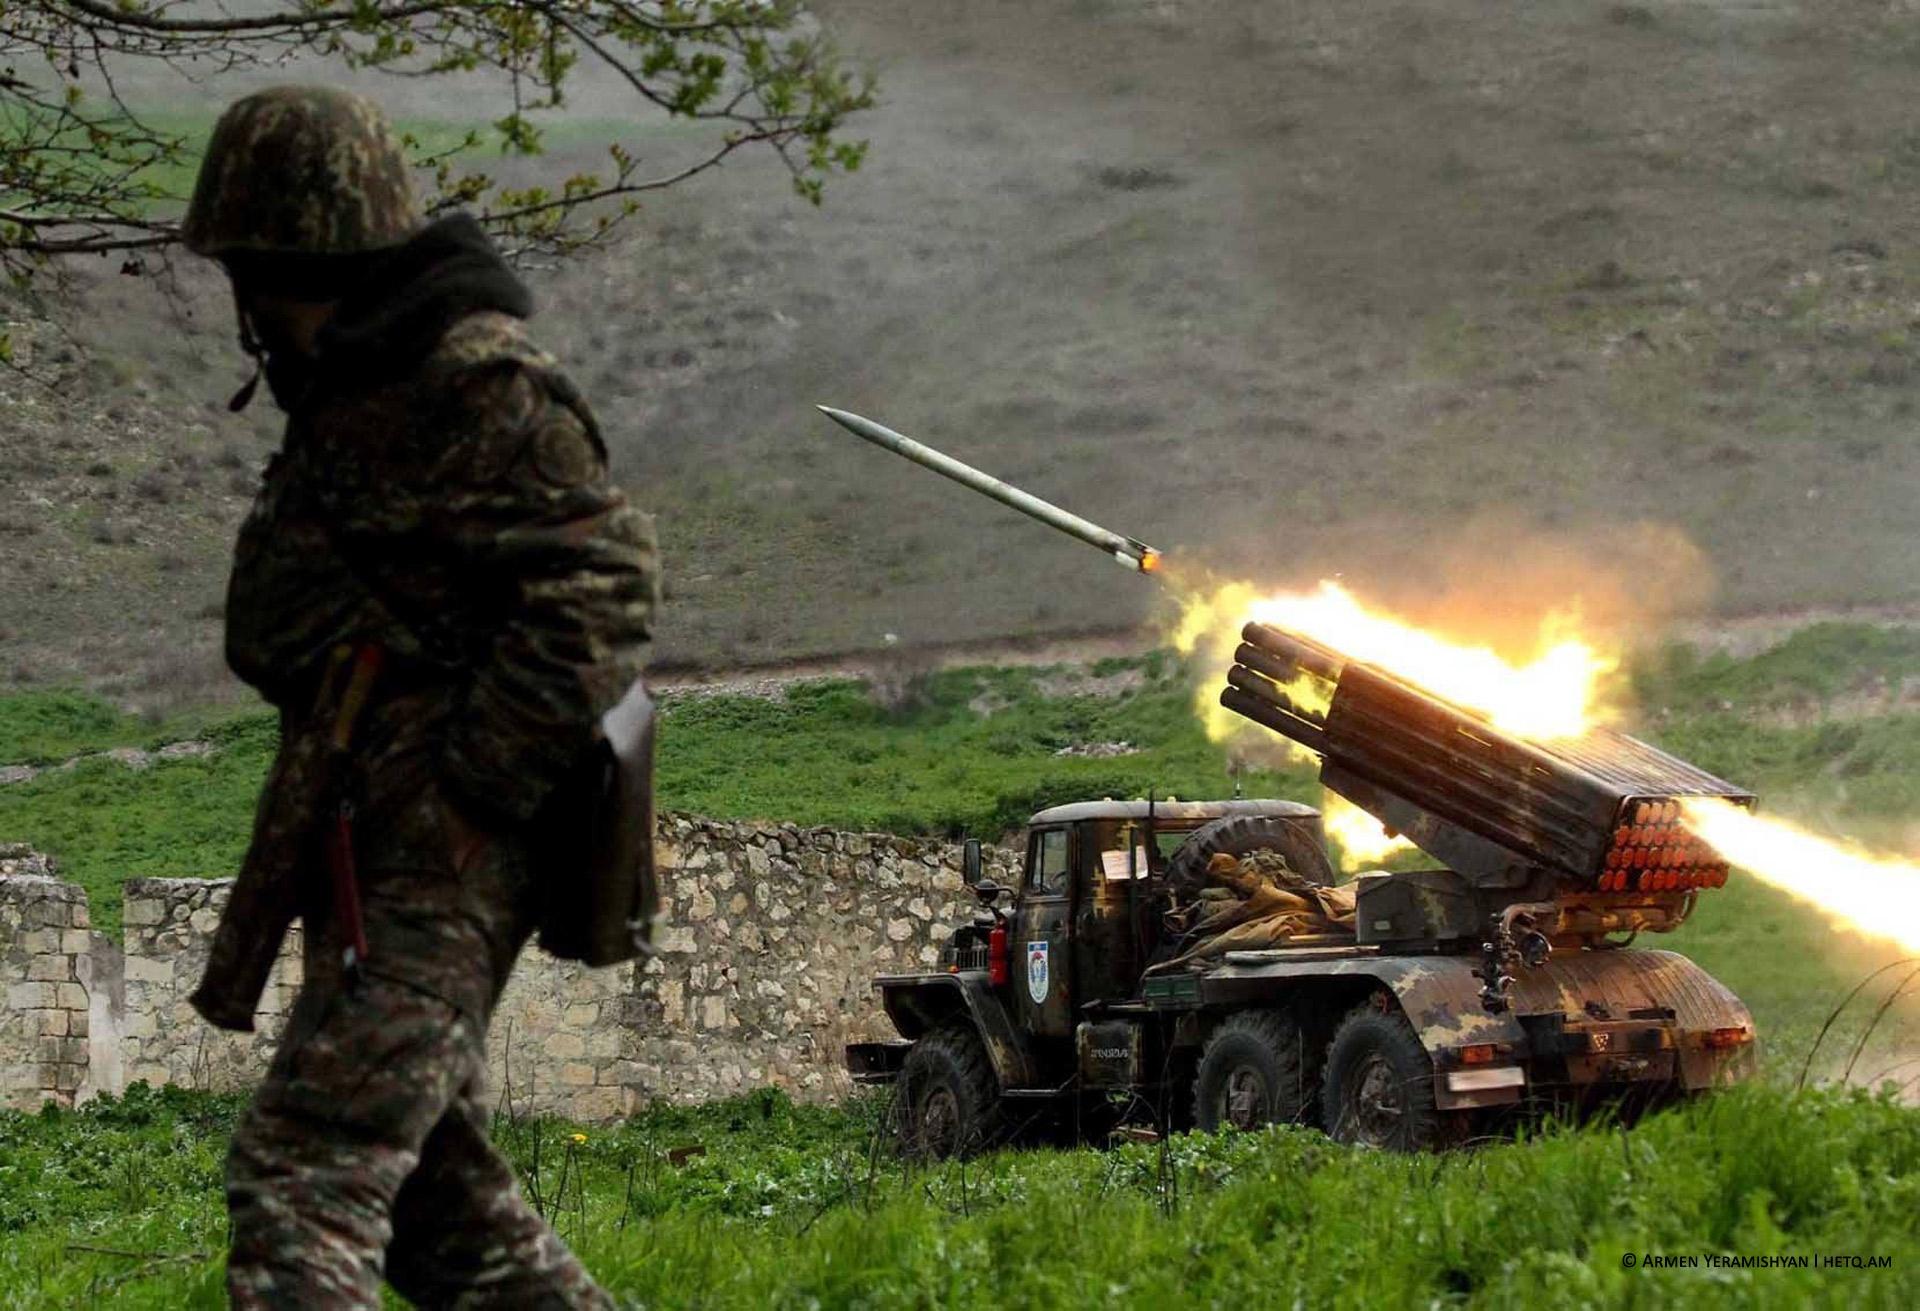 «Առավոտ». Զավեշտ է, երբ հեռավոր «գլենդելներից» մեր համաքաղաքացիները «արժեքավոր խորհուրդներ» են տալիս, թե ինչպես պետք է հայկական բանակը գրավի Բաքուն